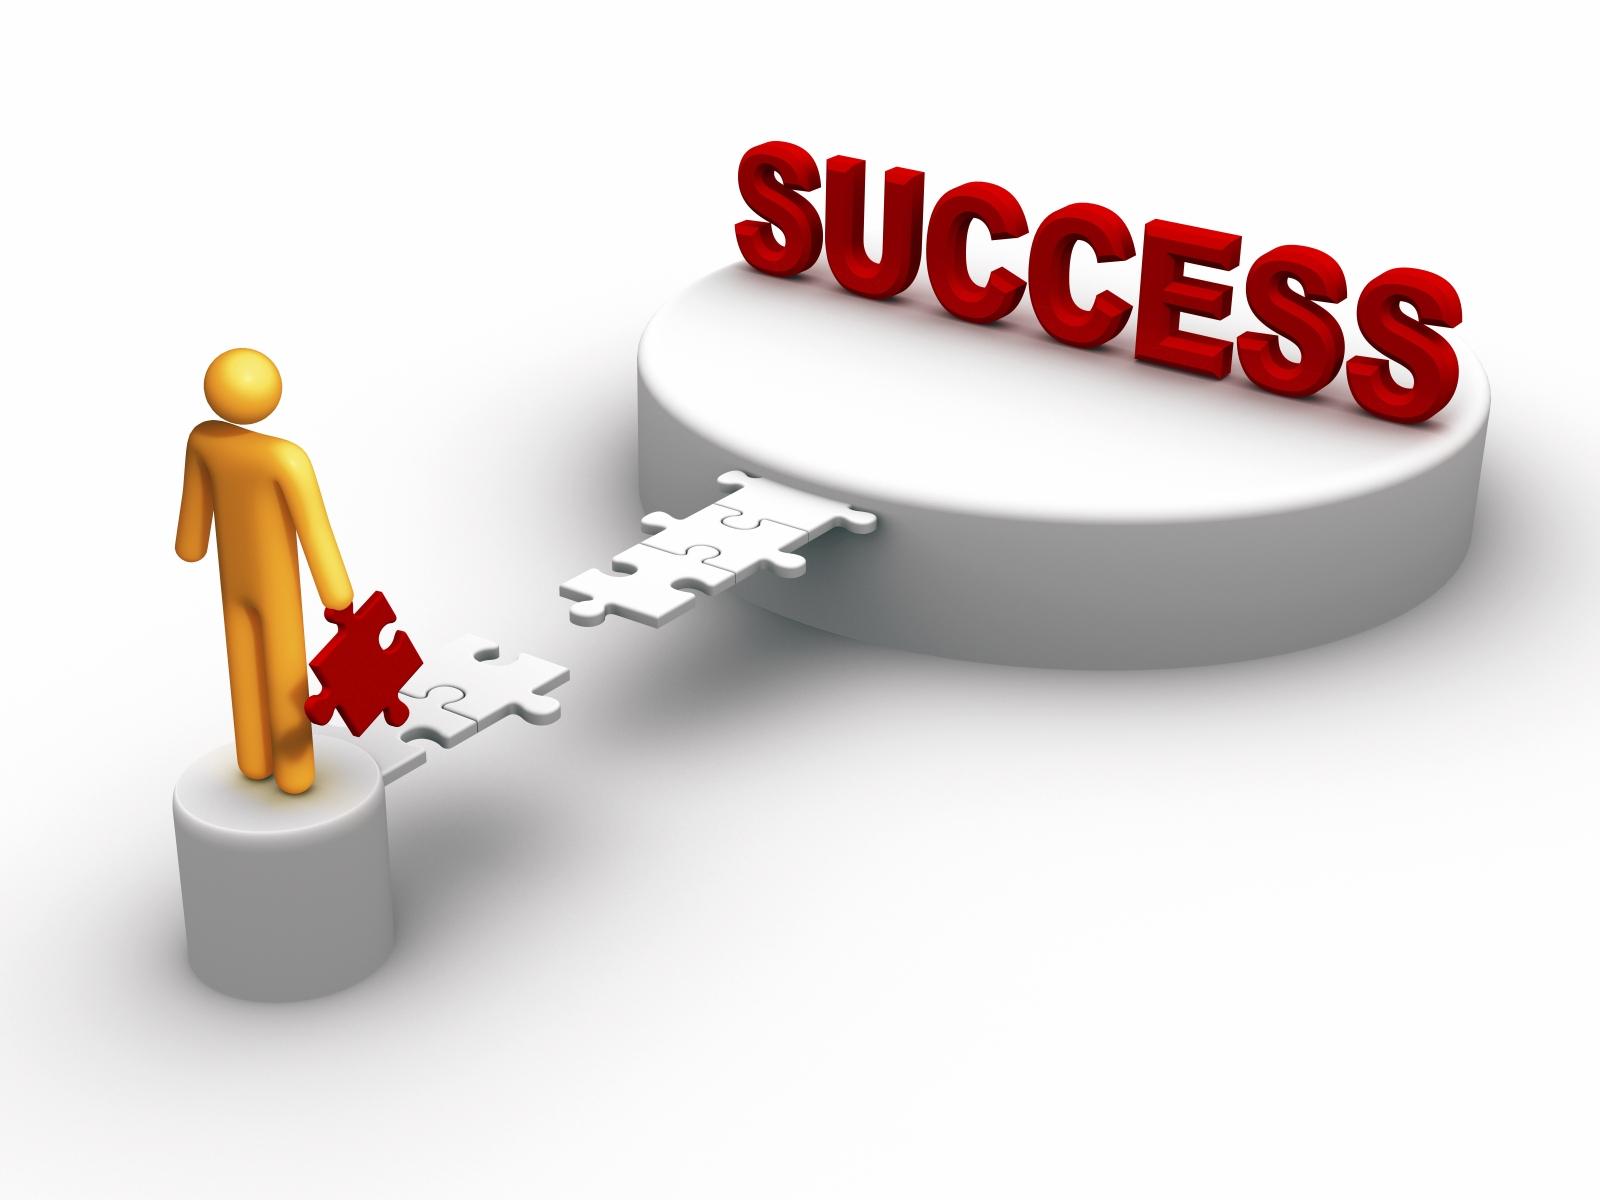 صور كيف تصبح ناجحا , كيف تكون شخص ناجح في حياتك